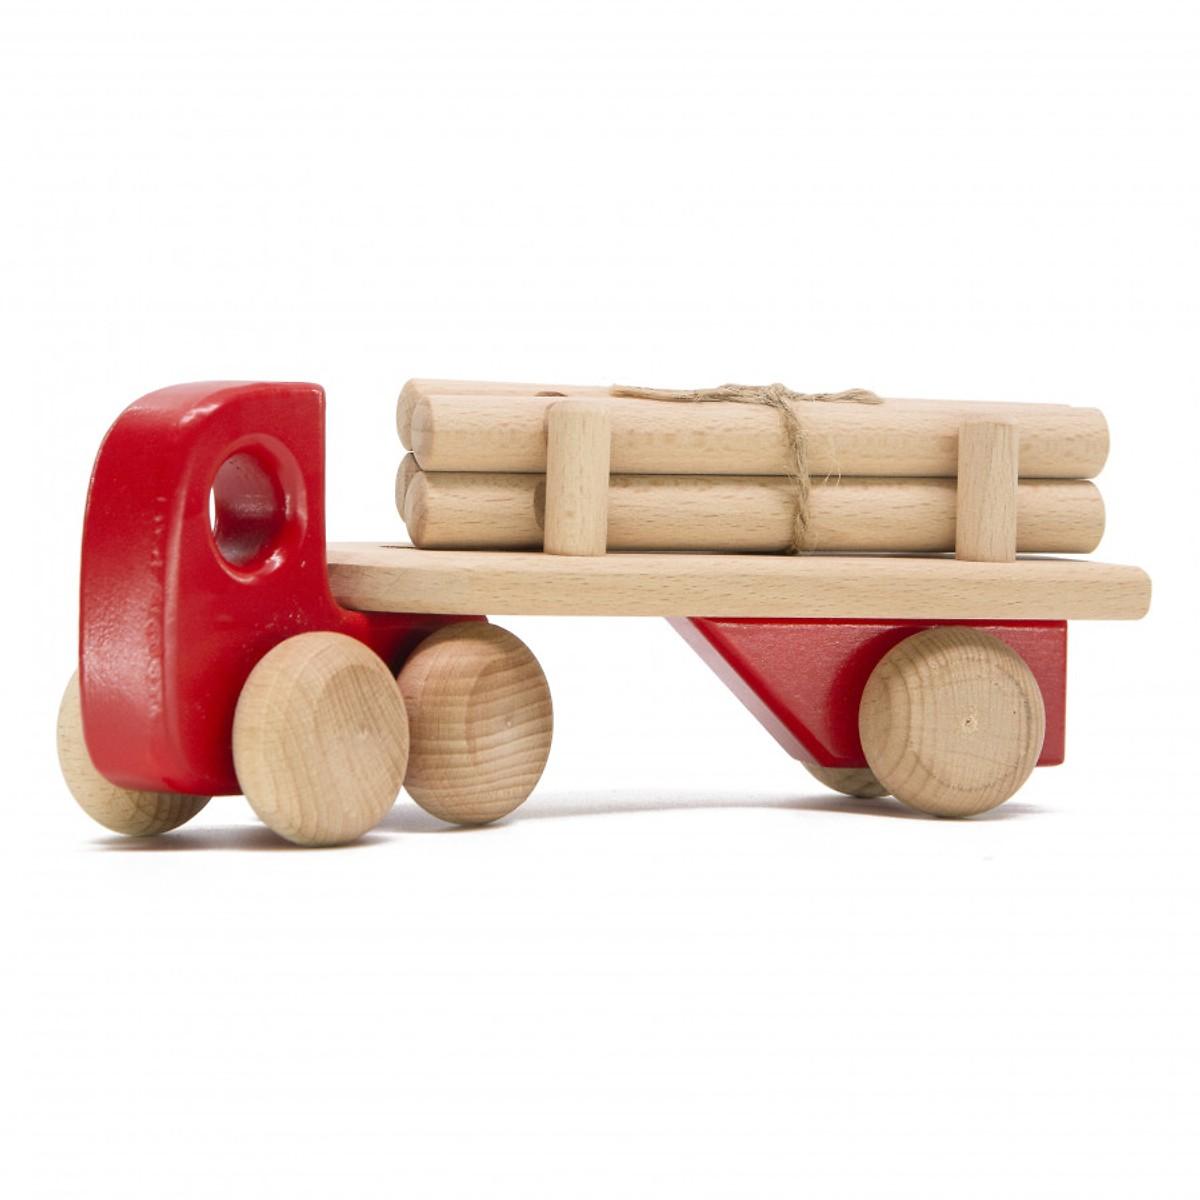 Đồ chơi xe chở gỗ bằng gỗ